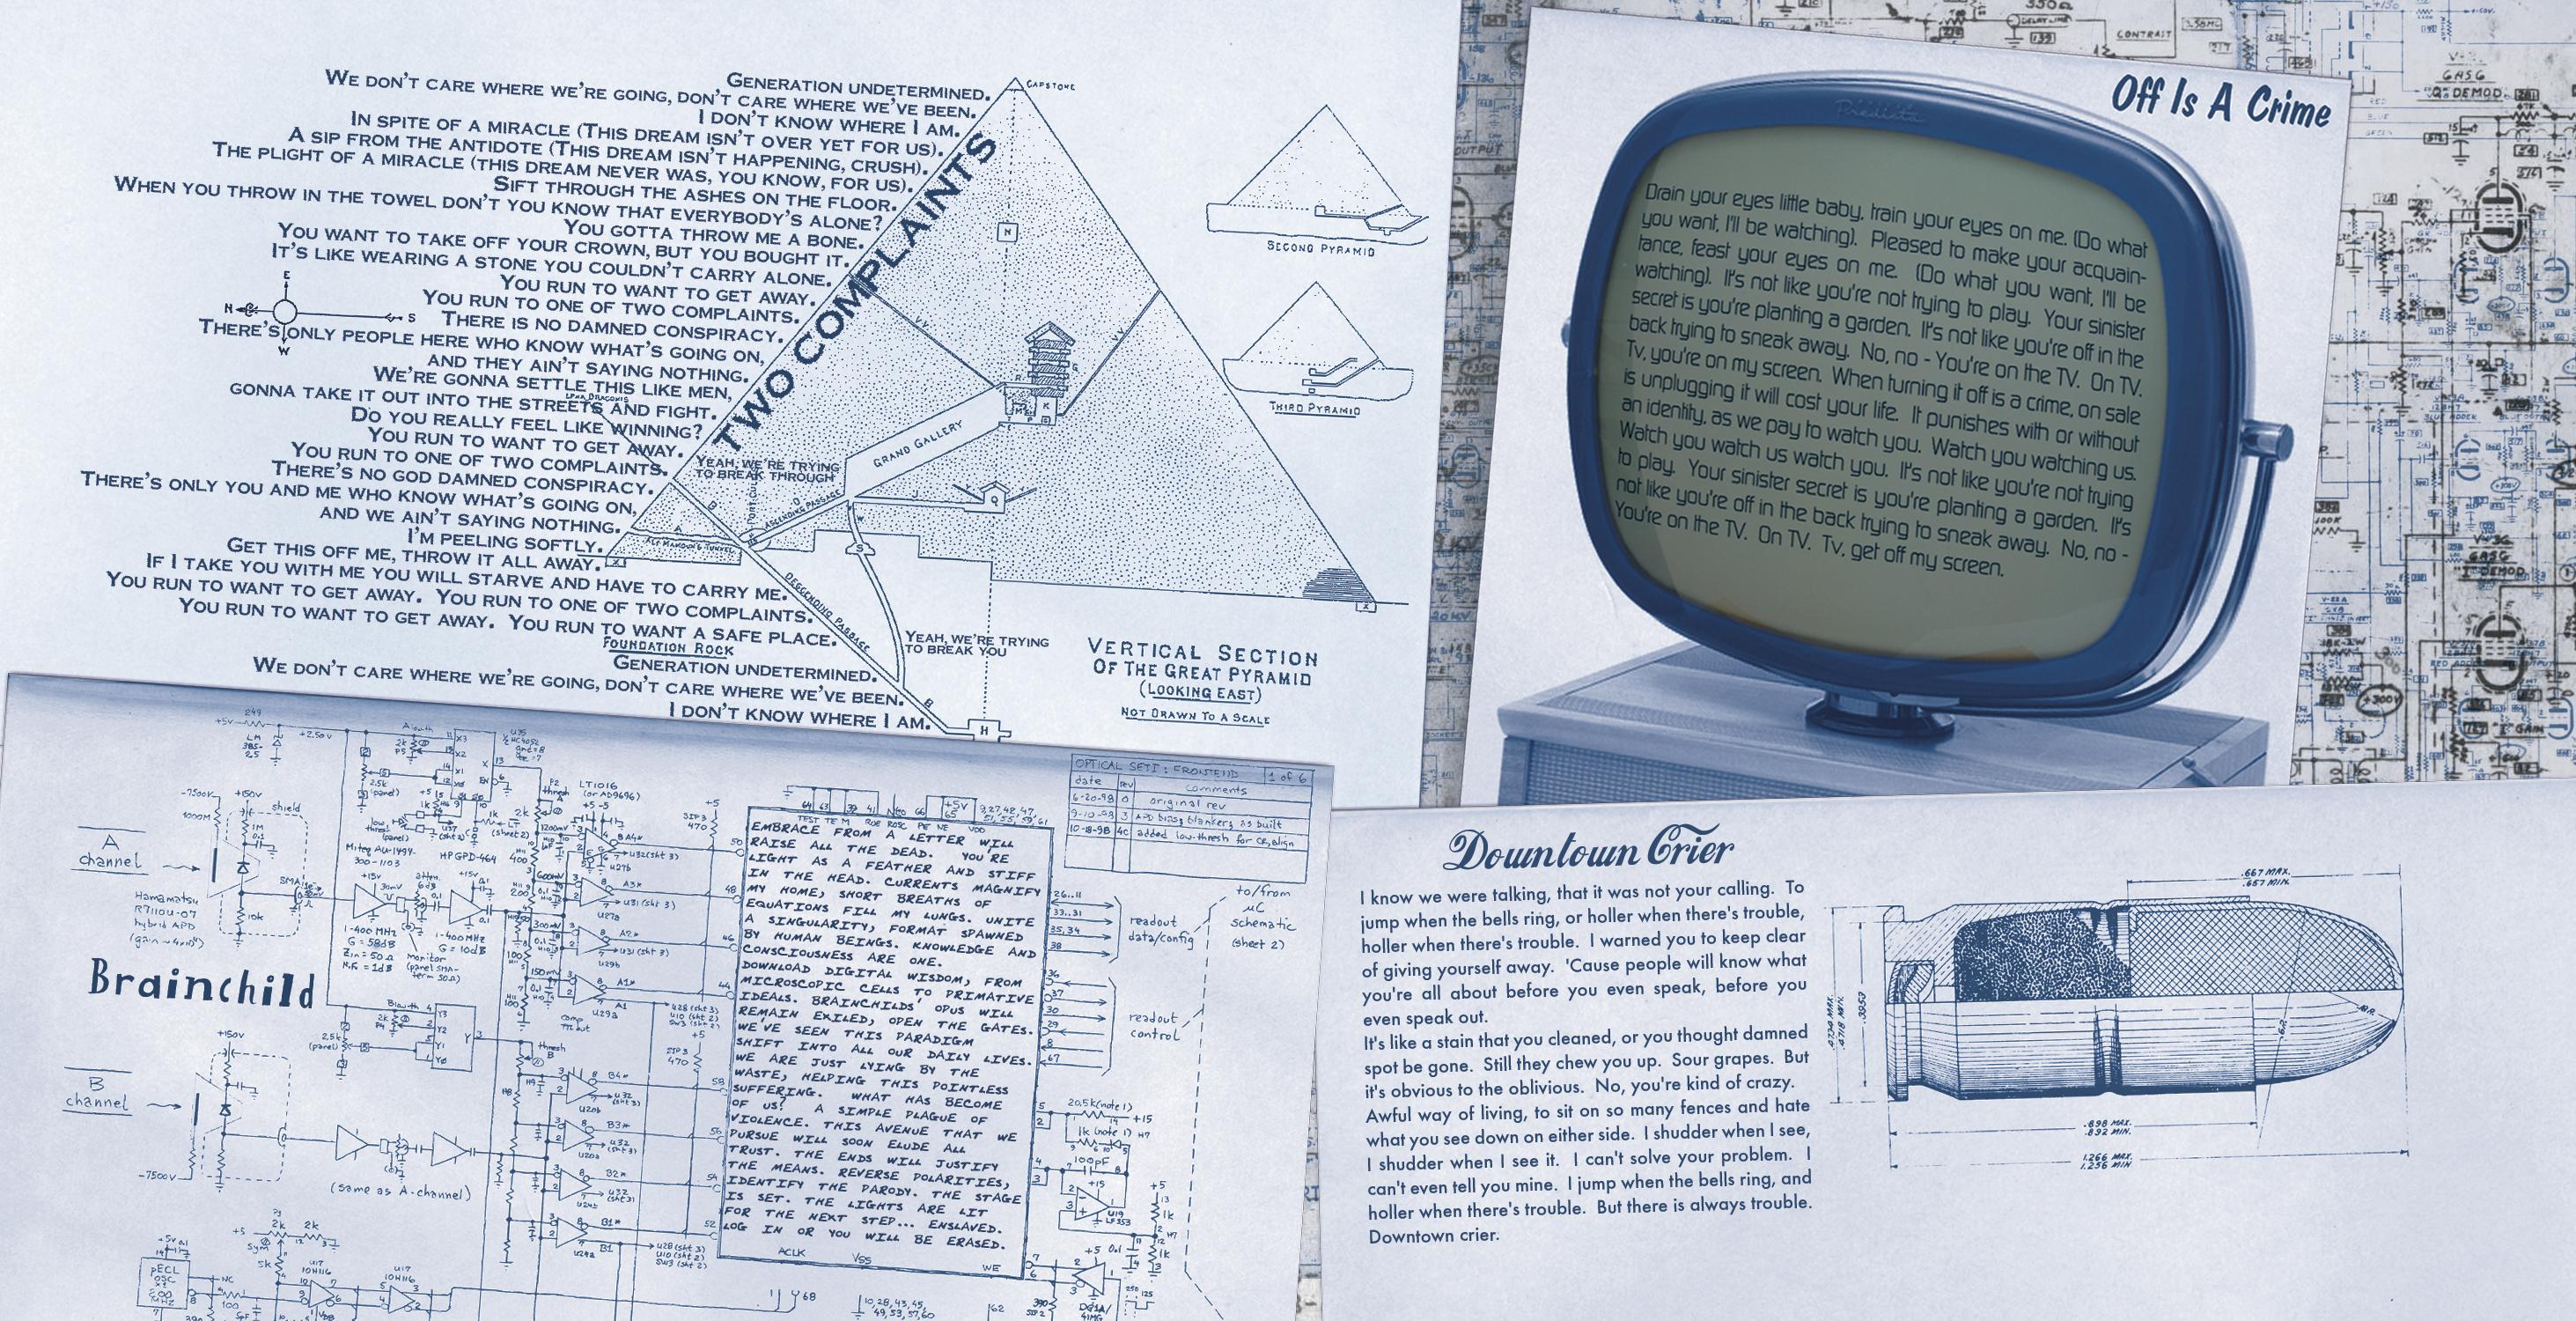 schemata-insert-page-3-4